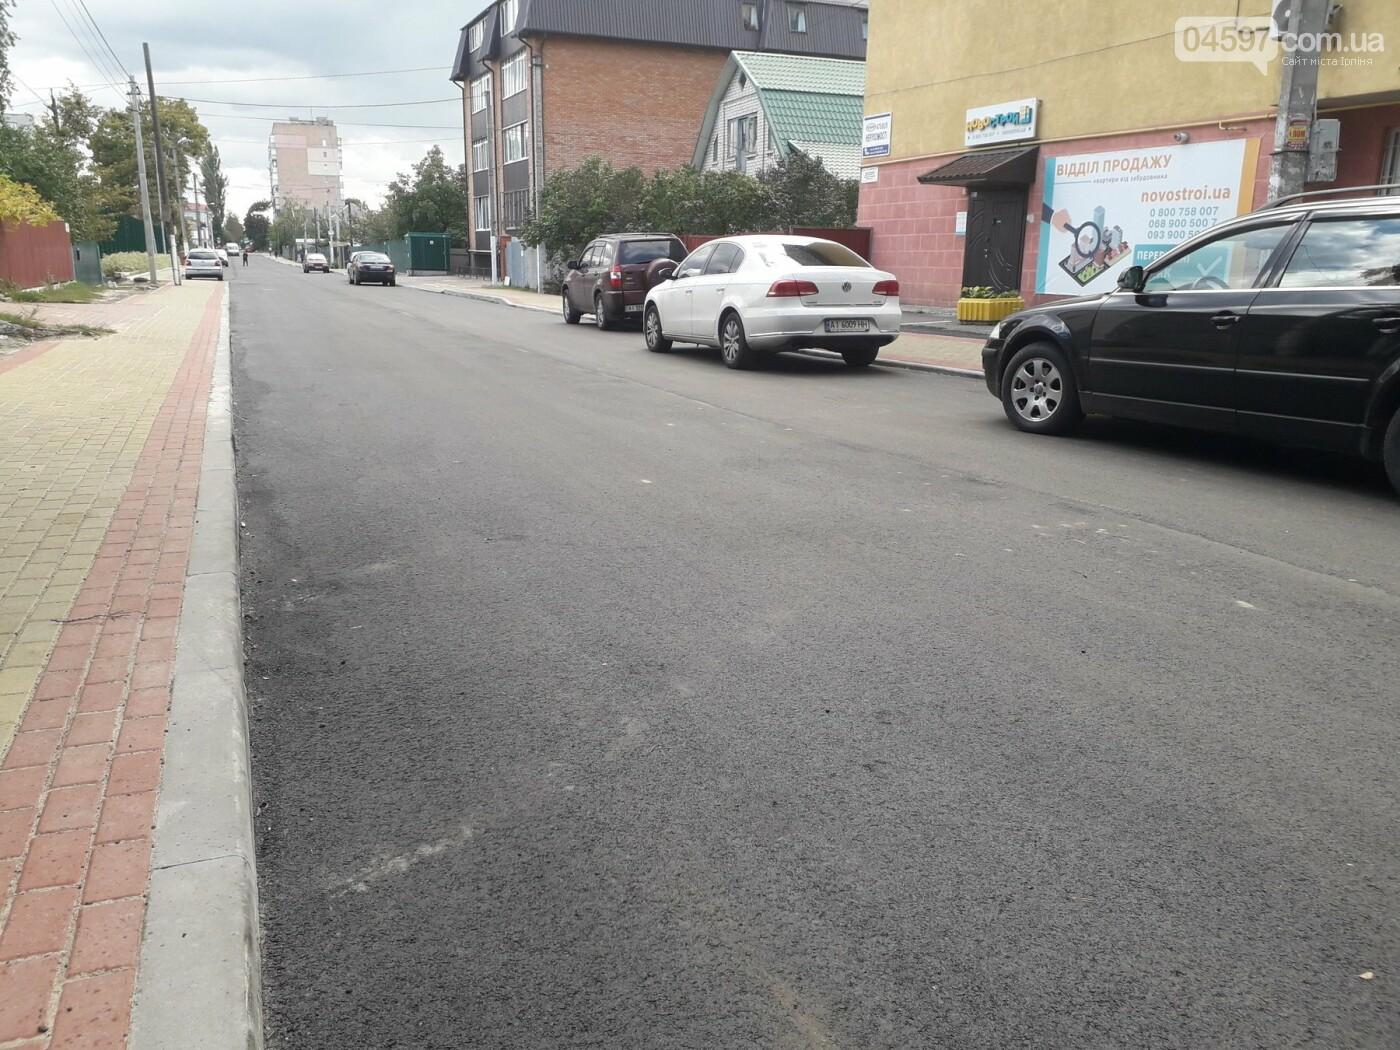 Вулиця Троїцька - з новим асфальтним покриттям, фото-4